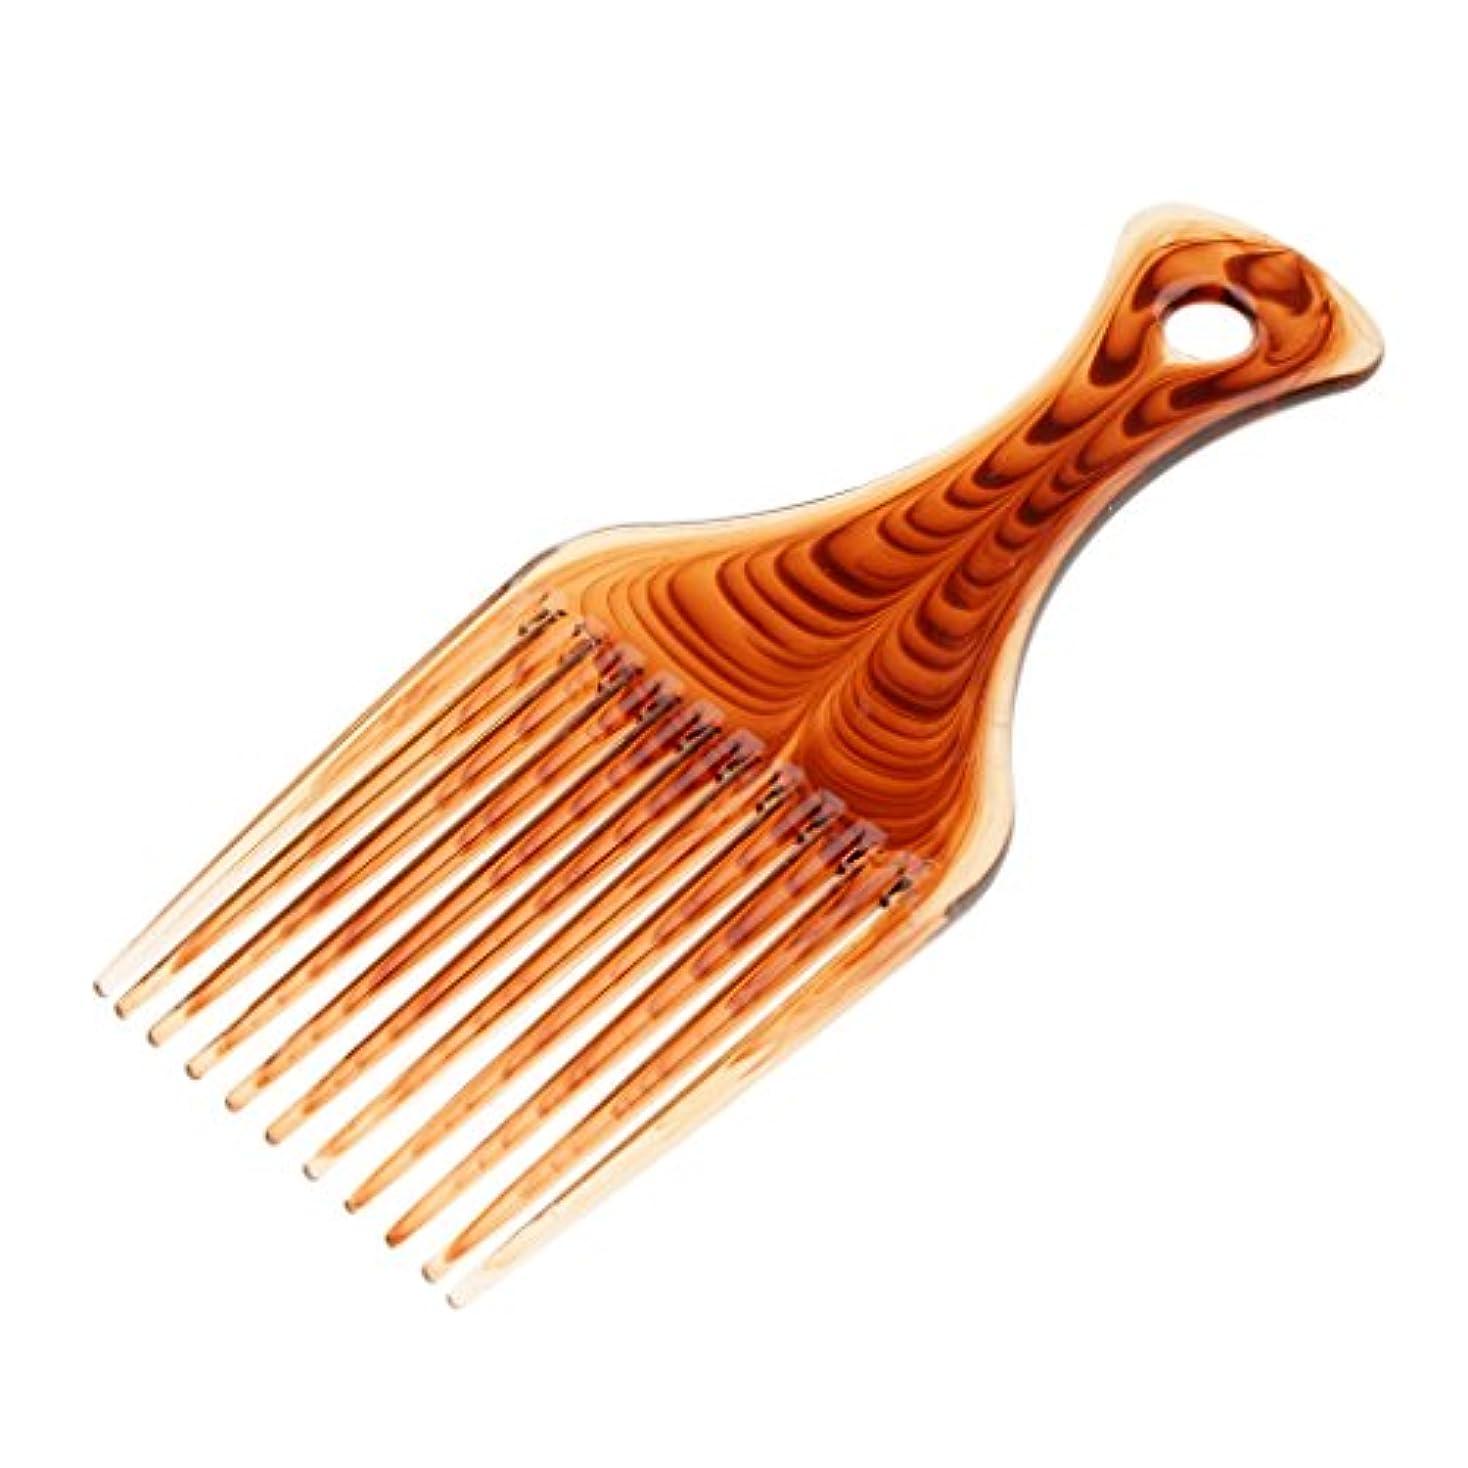 受益者ドキュメンタリー免疫ヘアコーム ヘアブラシ くし プラスチック製 アフロ 髪の櫛 かつらにも適用 スタイリング 持ち上げ ヘアブラシ